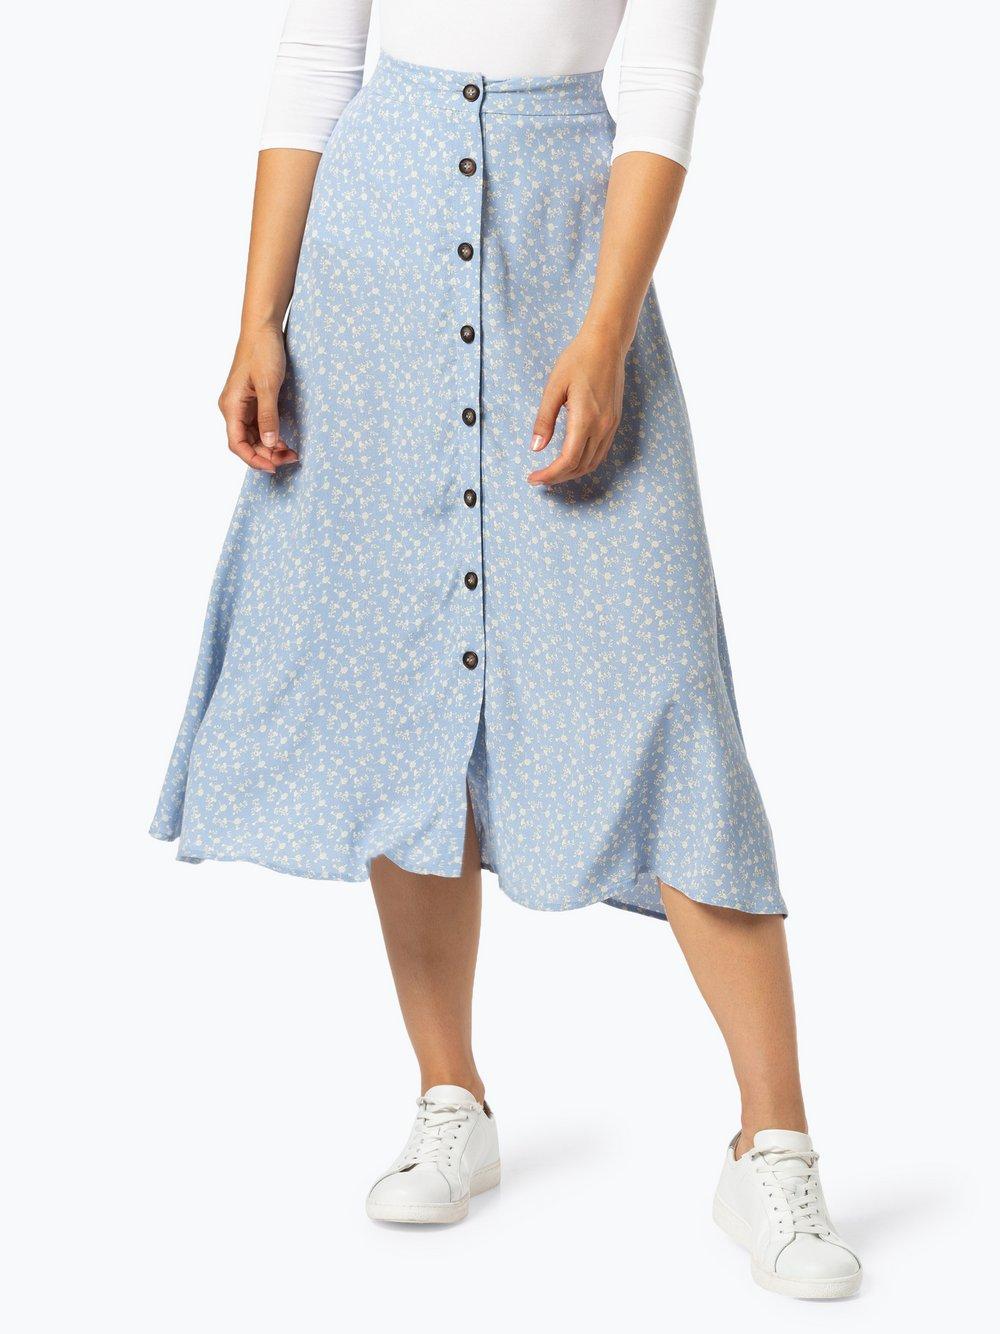 Y.A.S – Spódnica damska – Yasmau, niebieski Van Graaf 440044-0001-09920